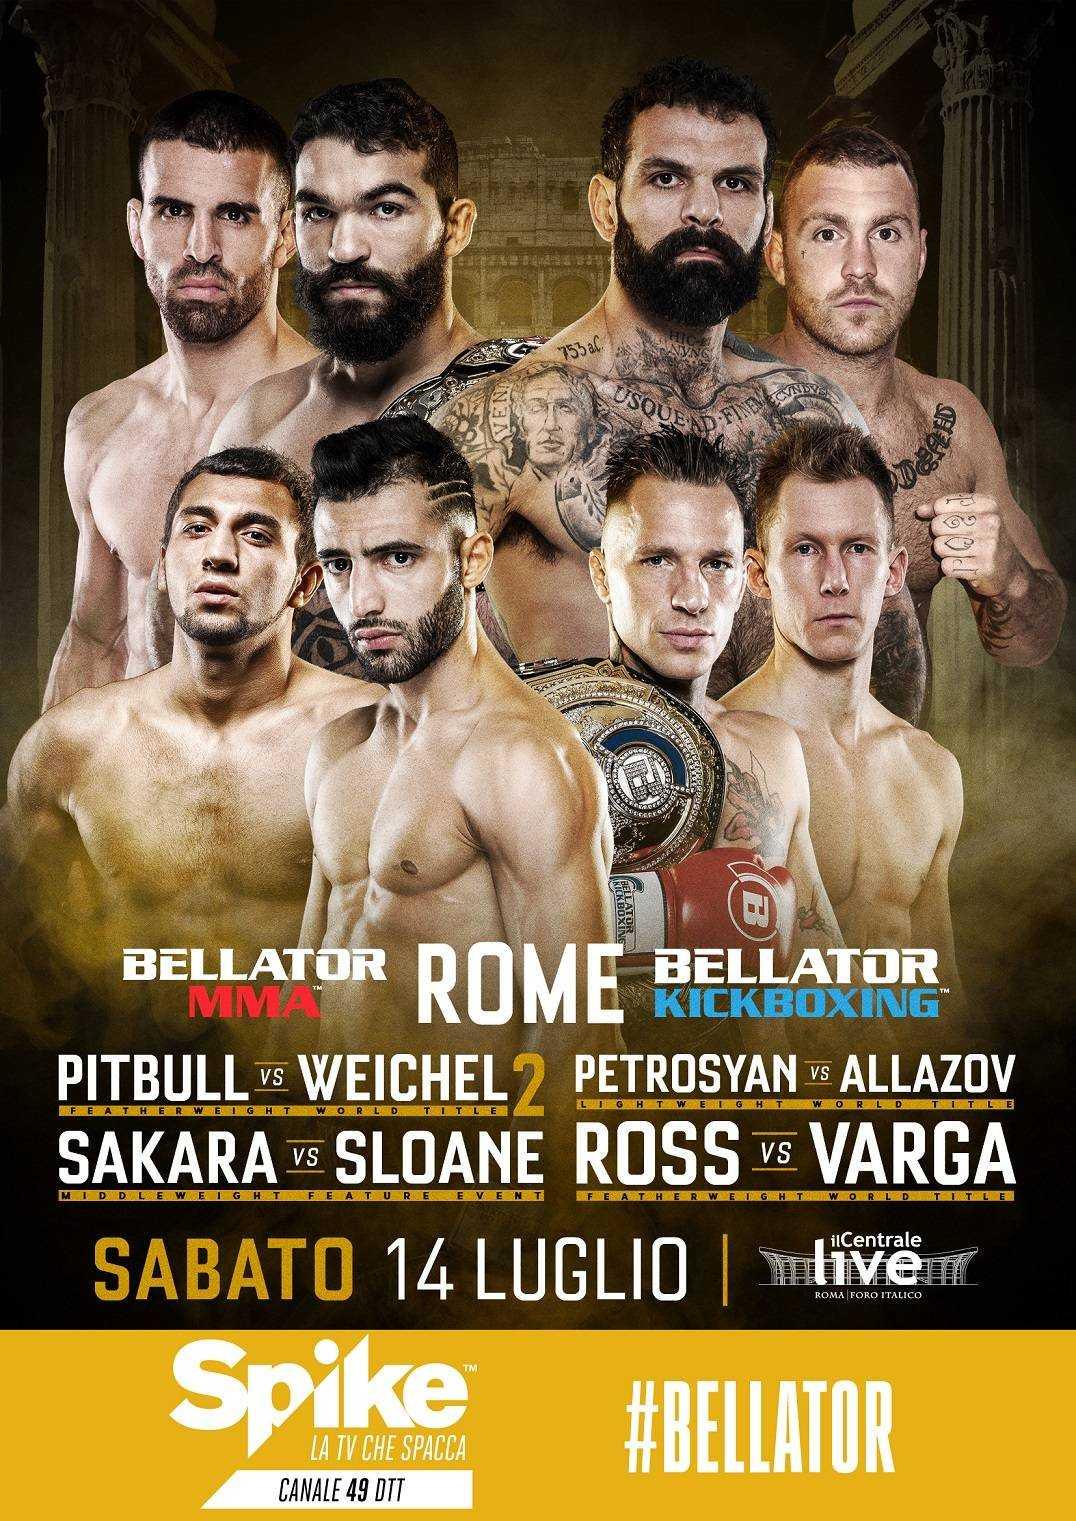 """Su Spike """"Bellator Roma"""": cobattimenti di MMA e KICKBOXING e l'atteso ritorno del """"legionario"""" Alessio Sakara"""